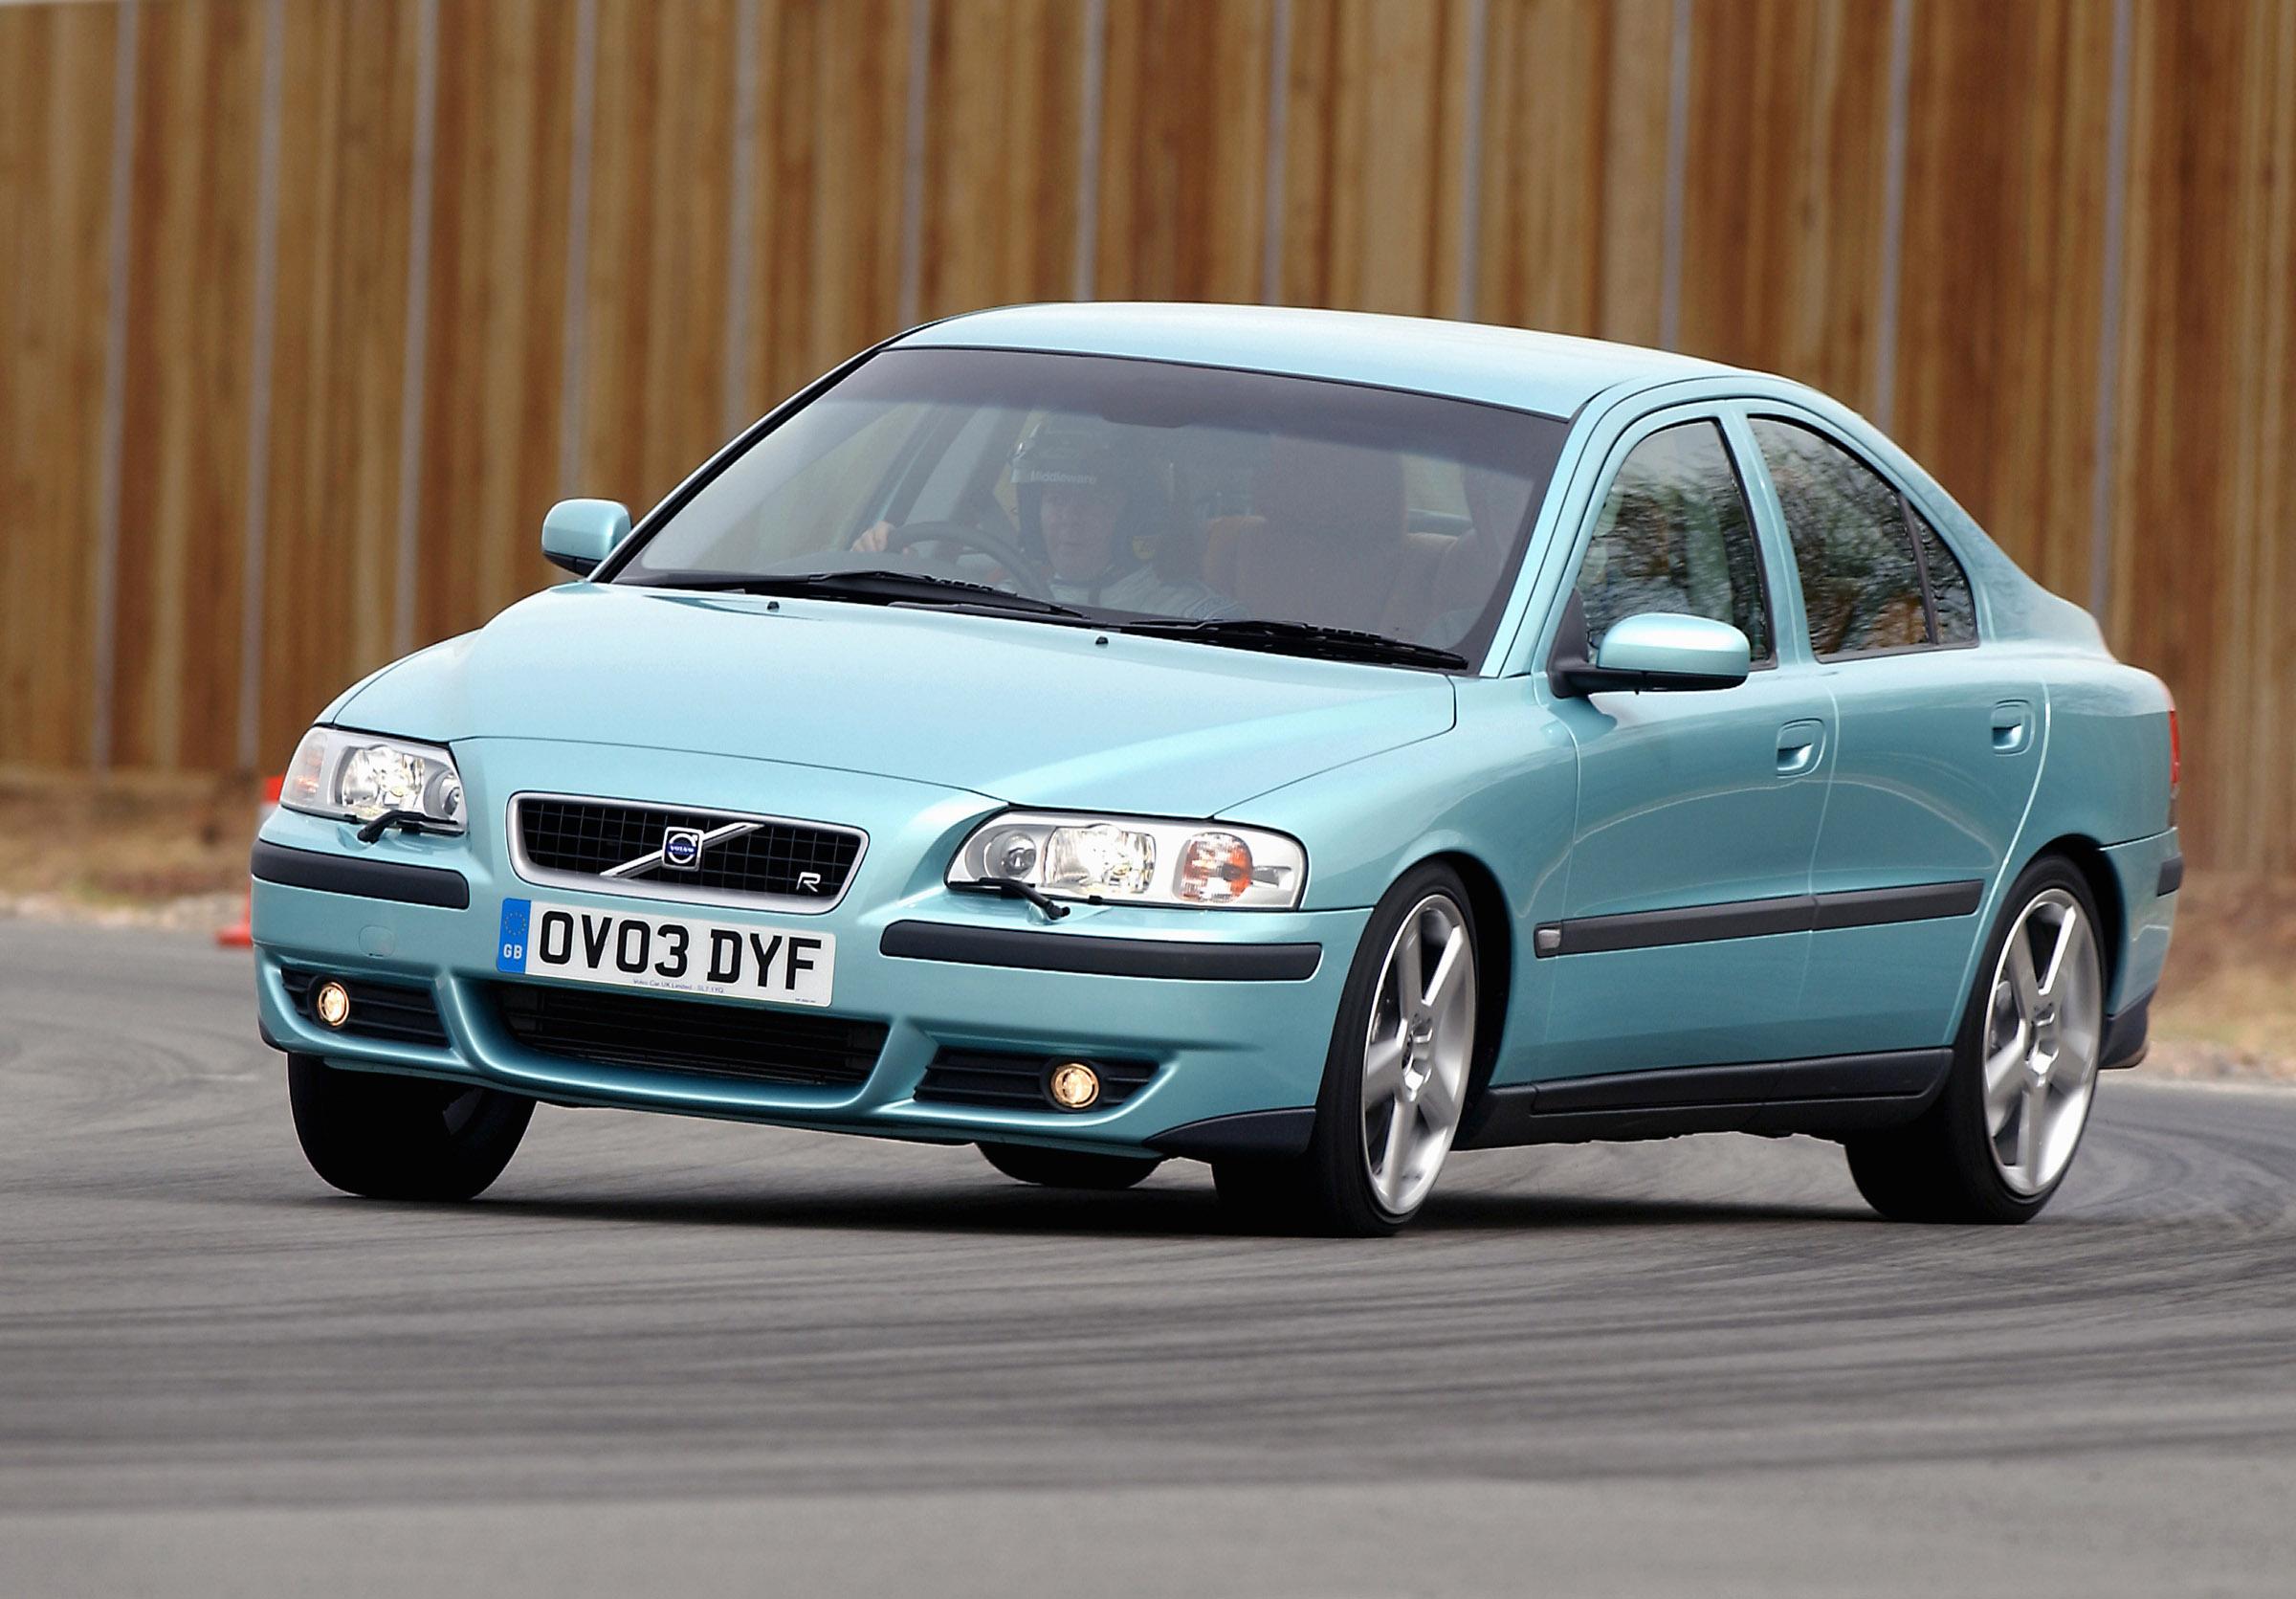 Volvo S60 2003 - Picture 14203